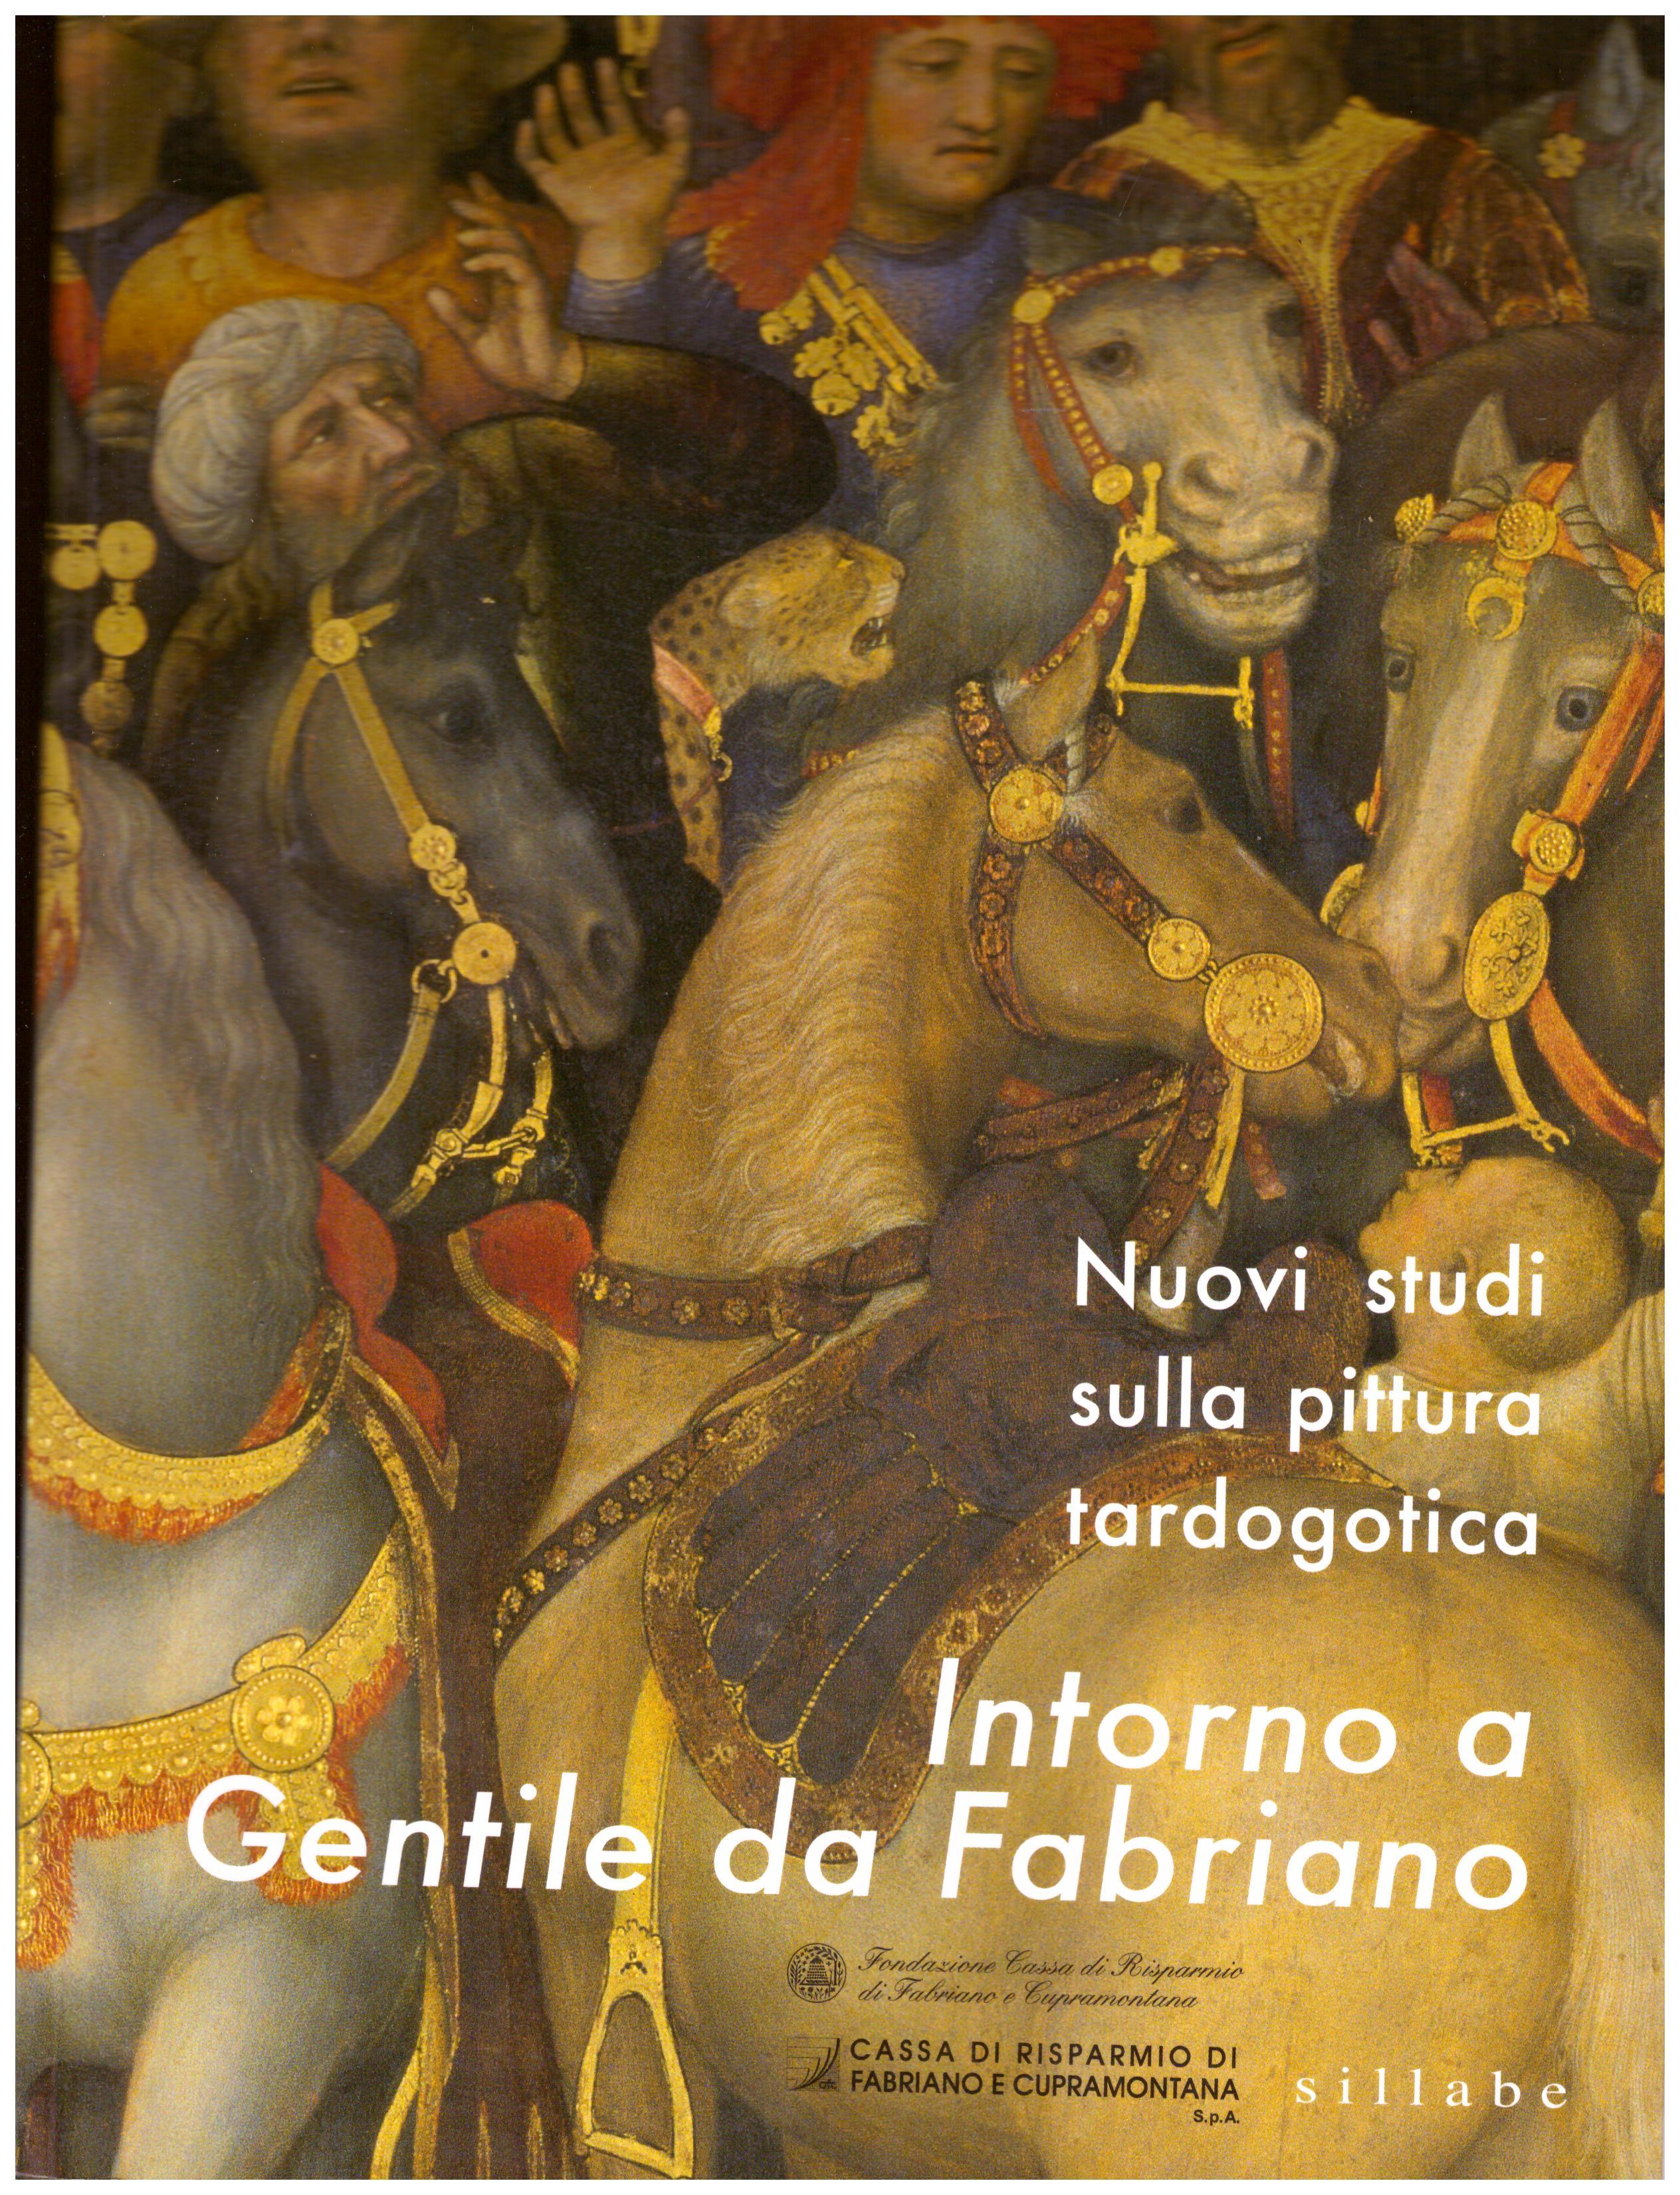 Titolo: Intorno a Gentile da Fabriano  Autore : AA.VV. Editore: Genesi, Città di Castello